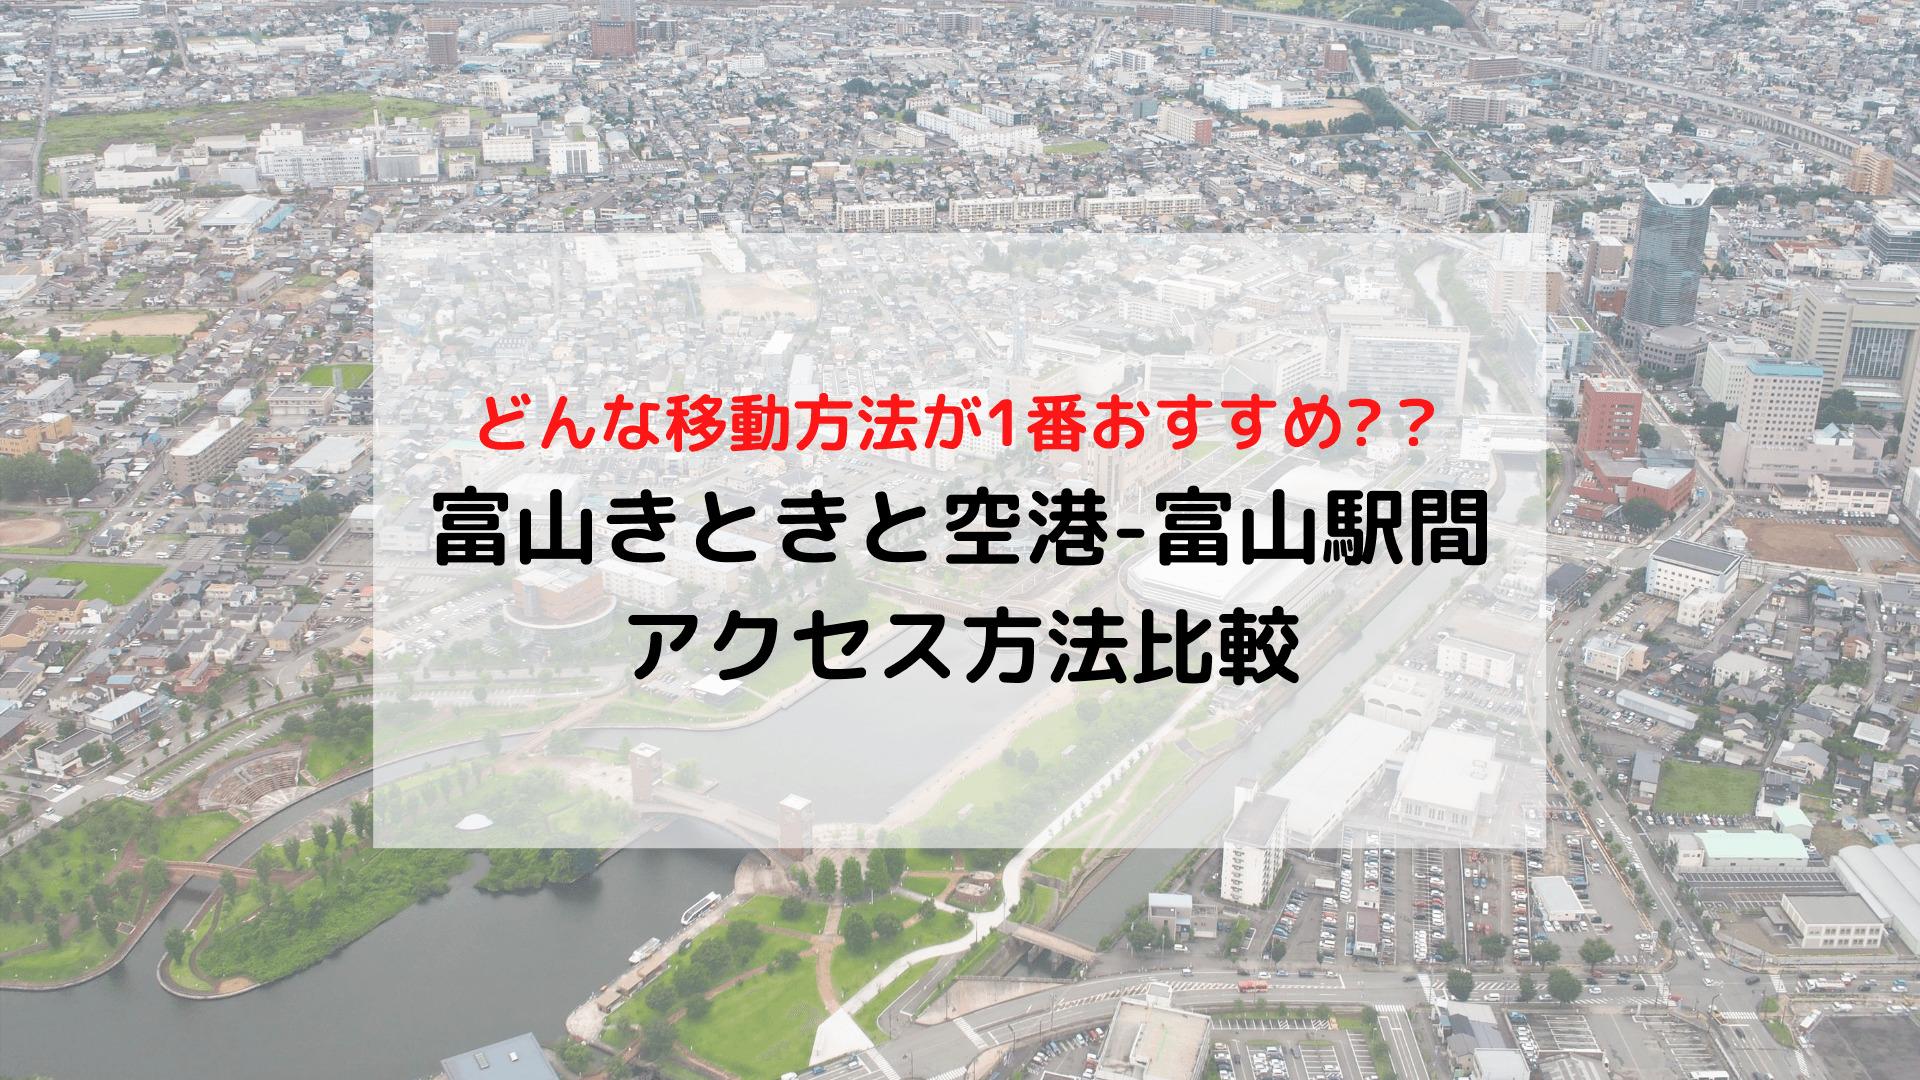 富山きときと空港-富山駅(市内)間のアクセス バスとタクシー比較